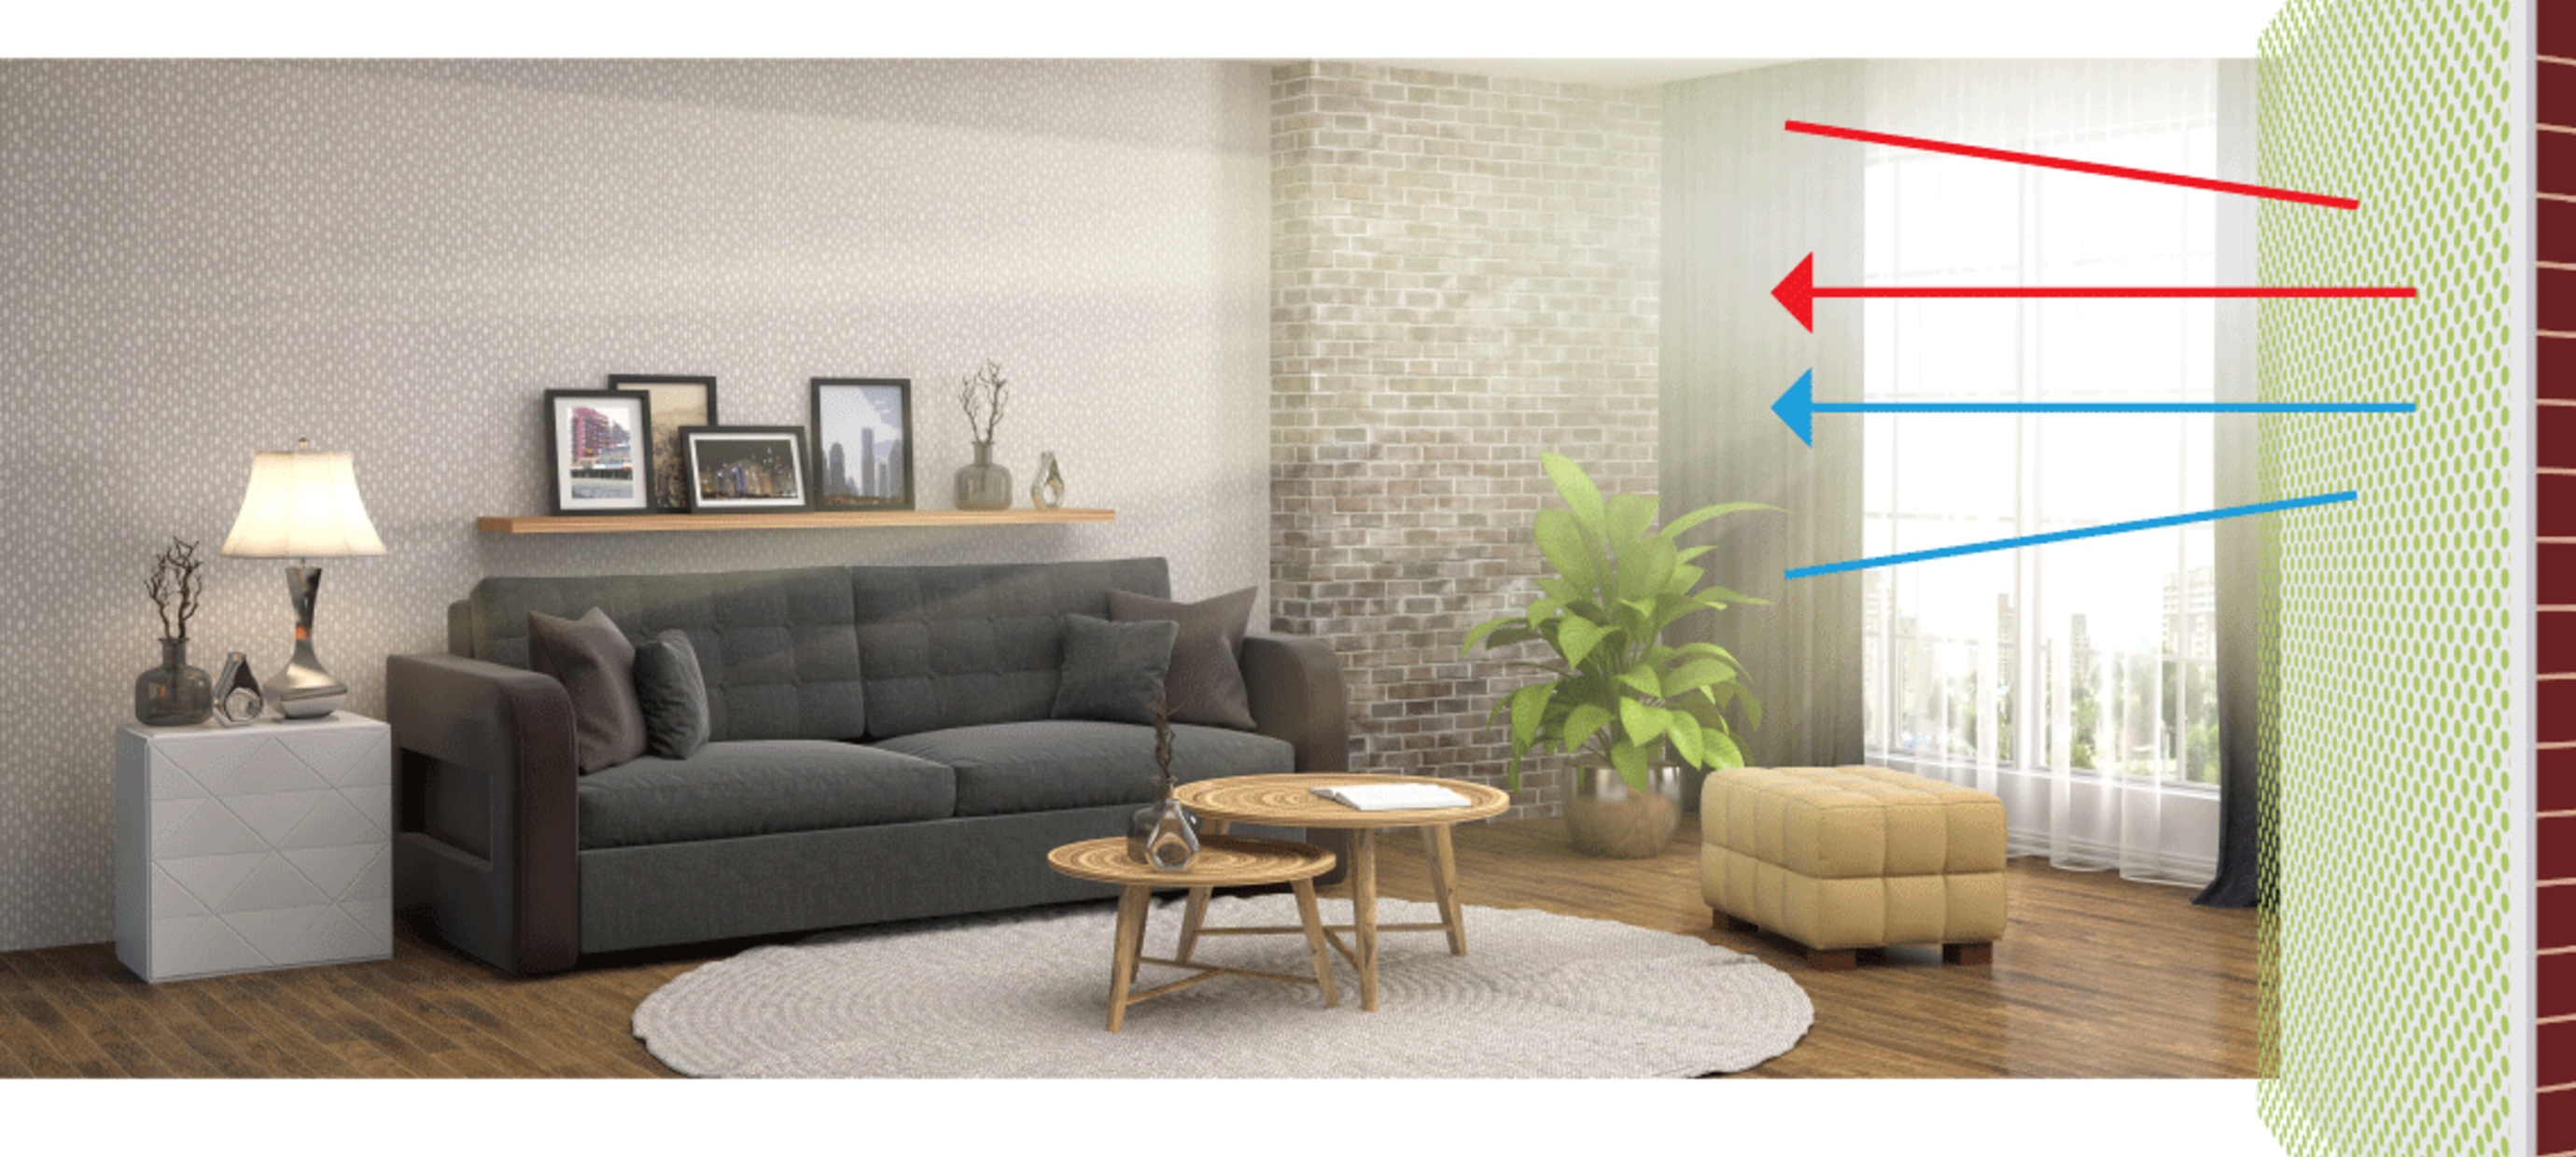 Energie besparen met ThermoShield en infraroodpanelen